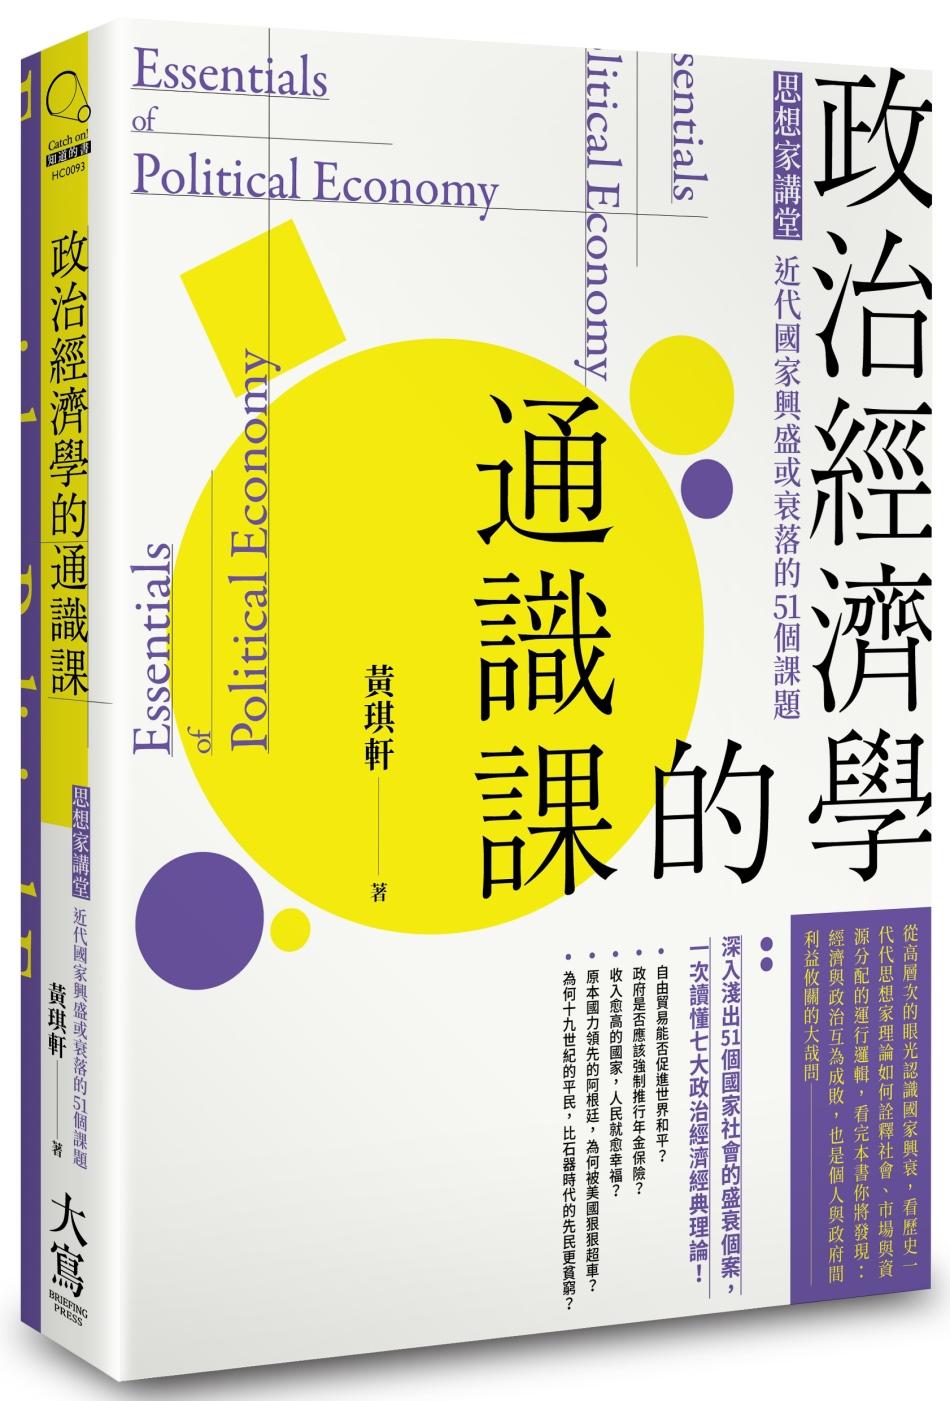 政治經濟學的通識課:思想家講堂:近代國家興盛或衰落的51個課題